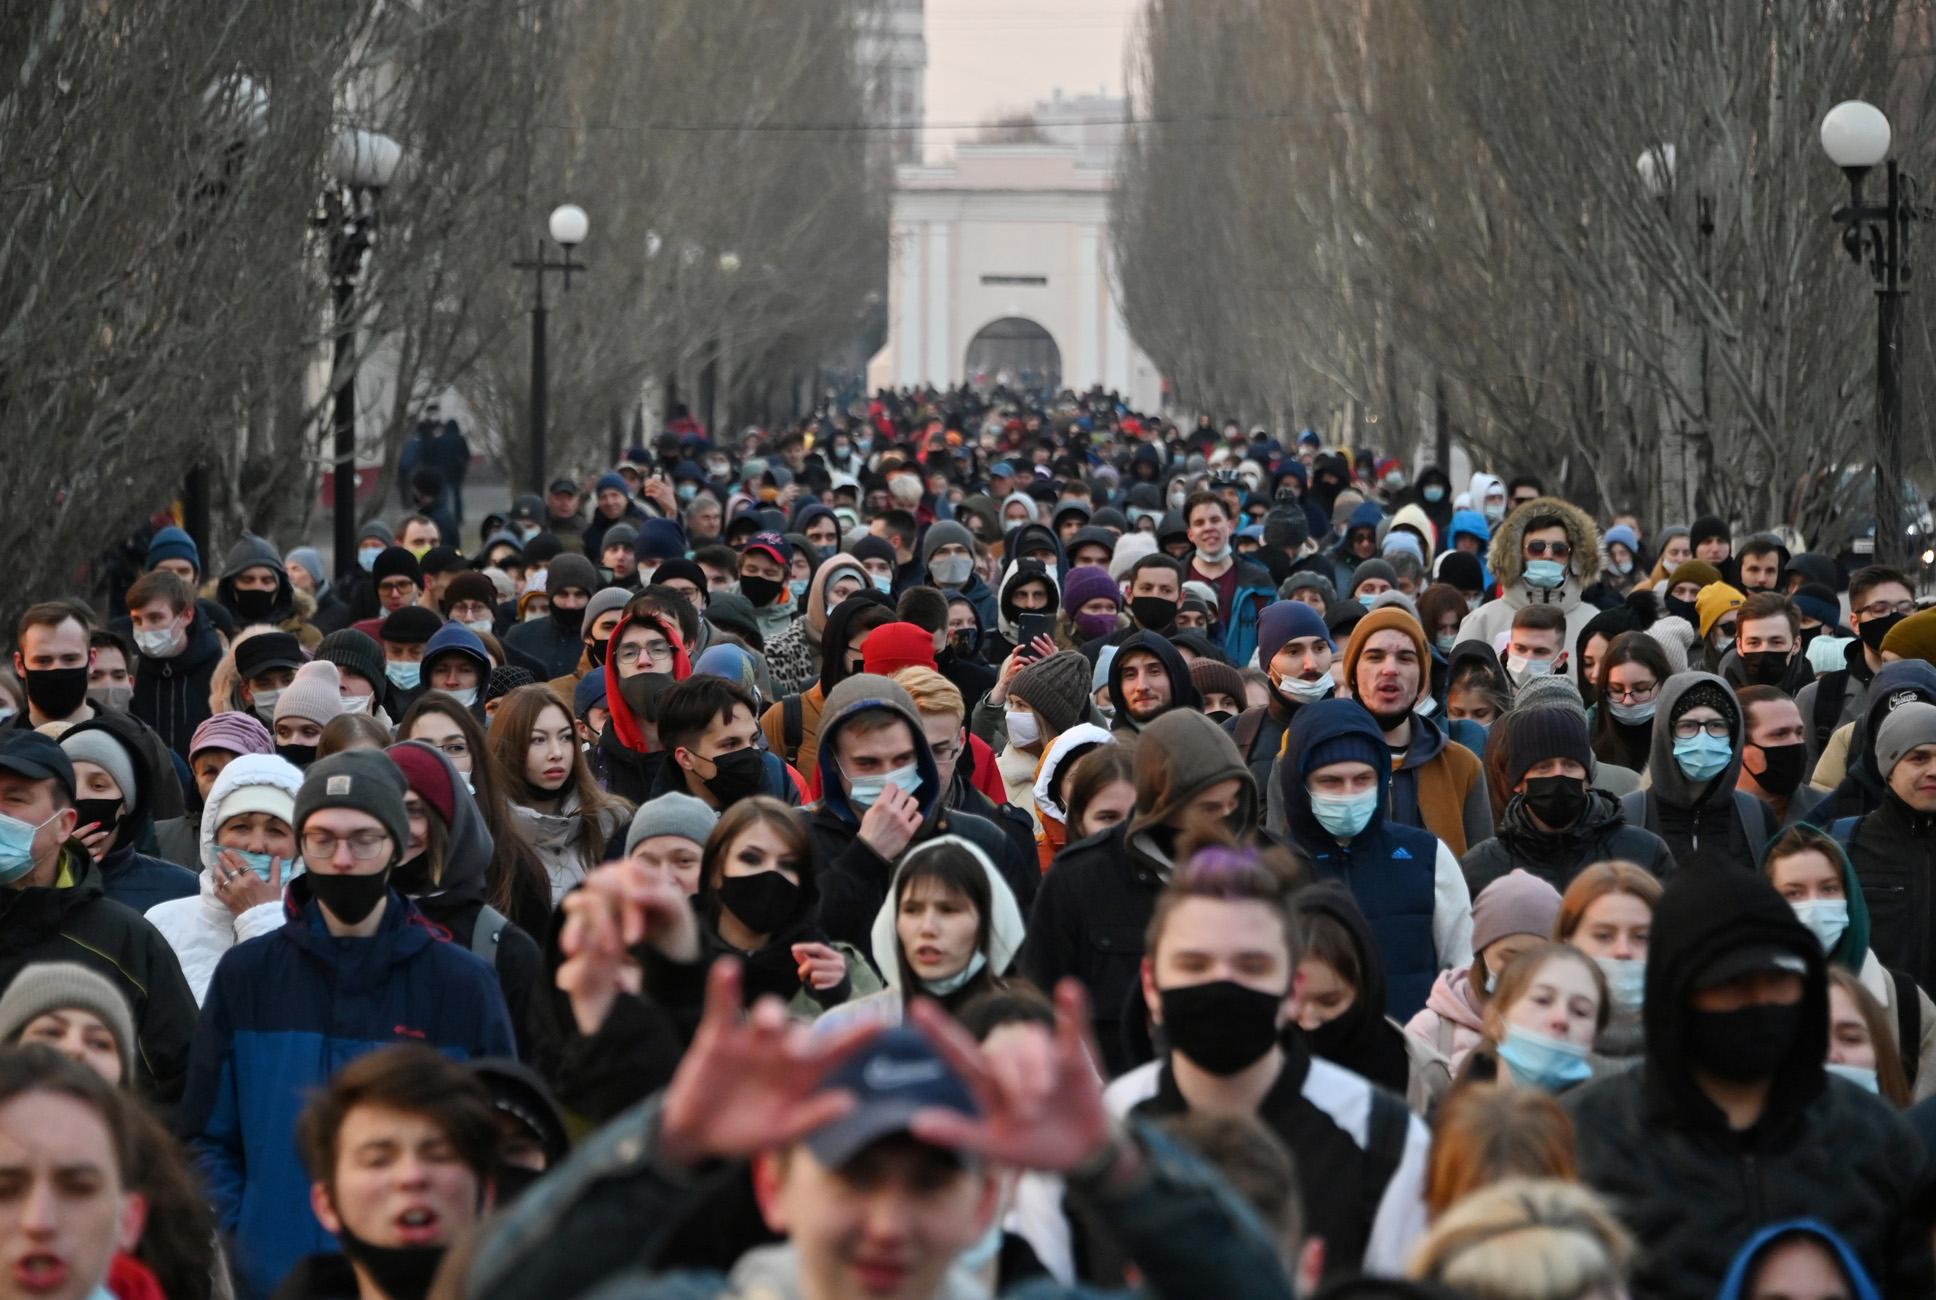 Ναβάλνι: 182 συλλήψεις στις διαδηλώσεις για την αποφυλάκισή του